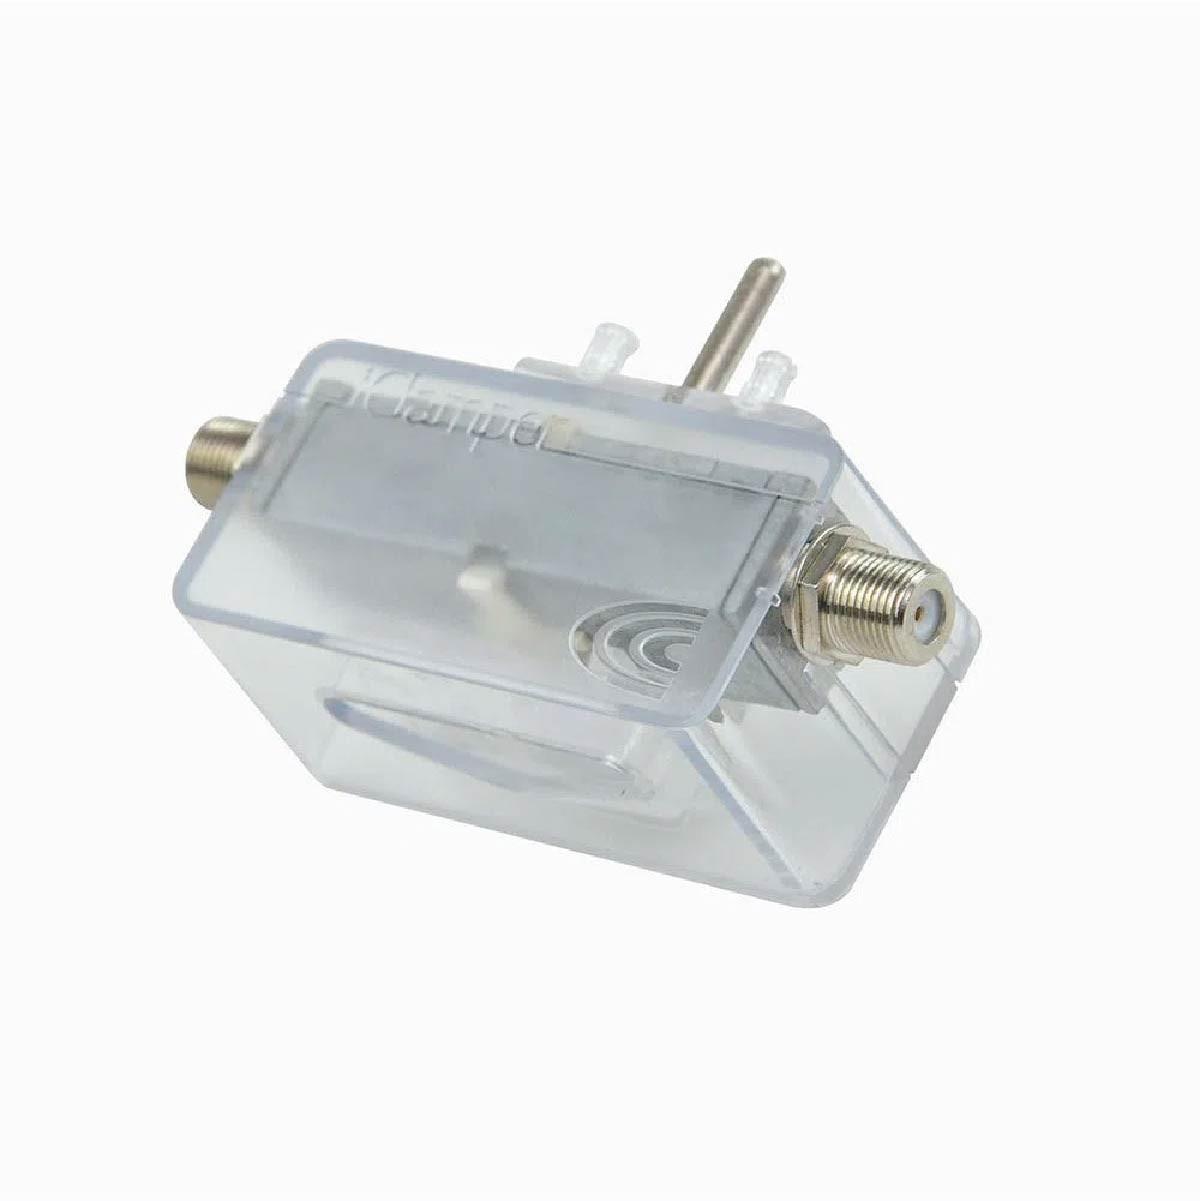 Filtro de Linha Clamper DPS Proteção Para Cabos TV/Modems/Antenas/Parabólicas